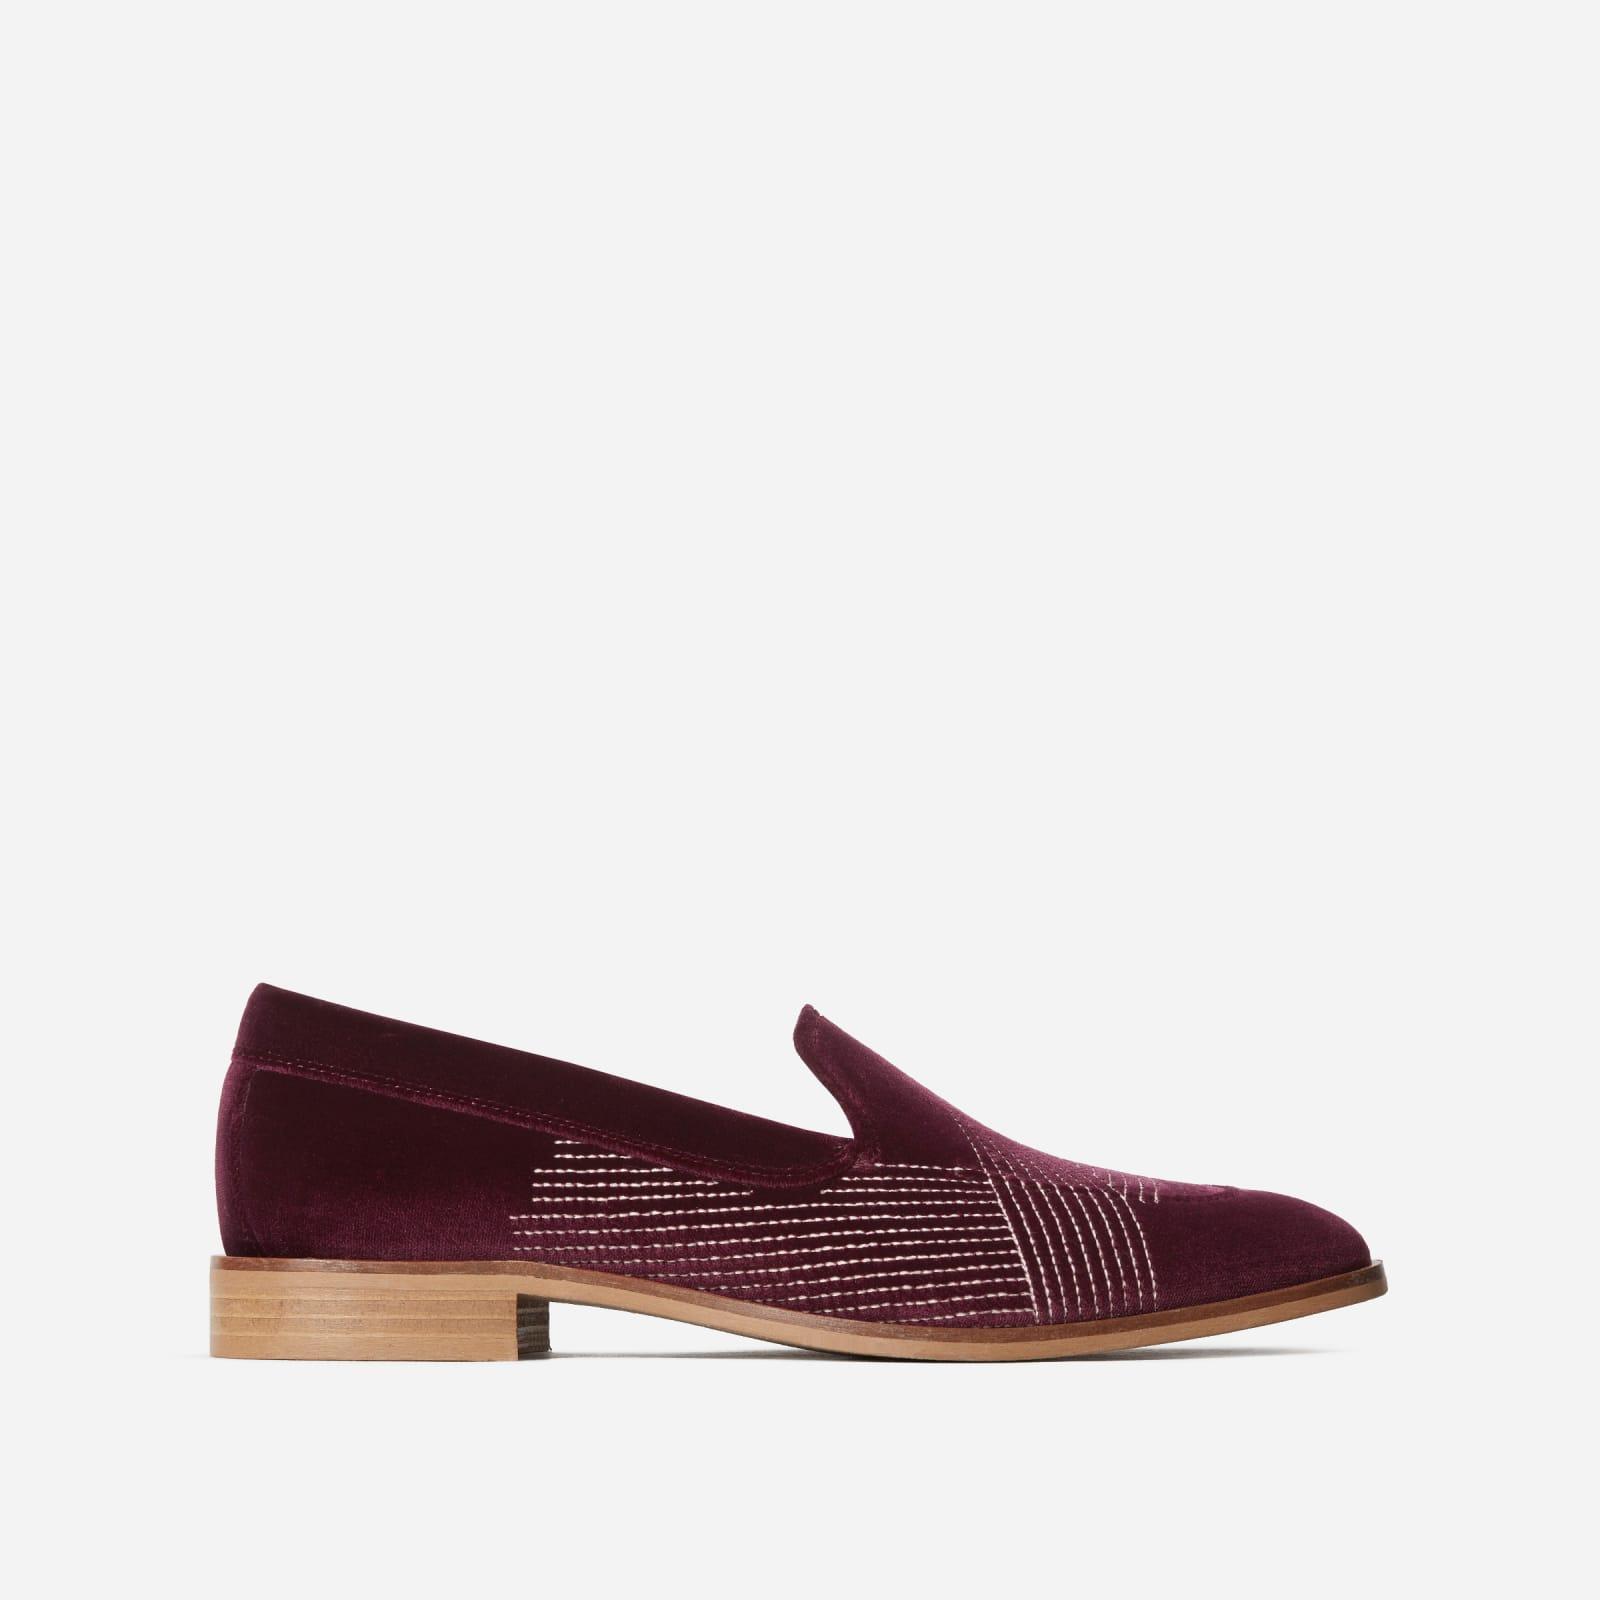 velvet modern loafer by everlane in burgundy velvet, size 5.5